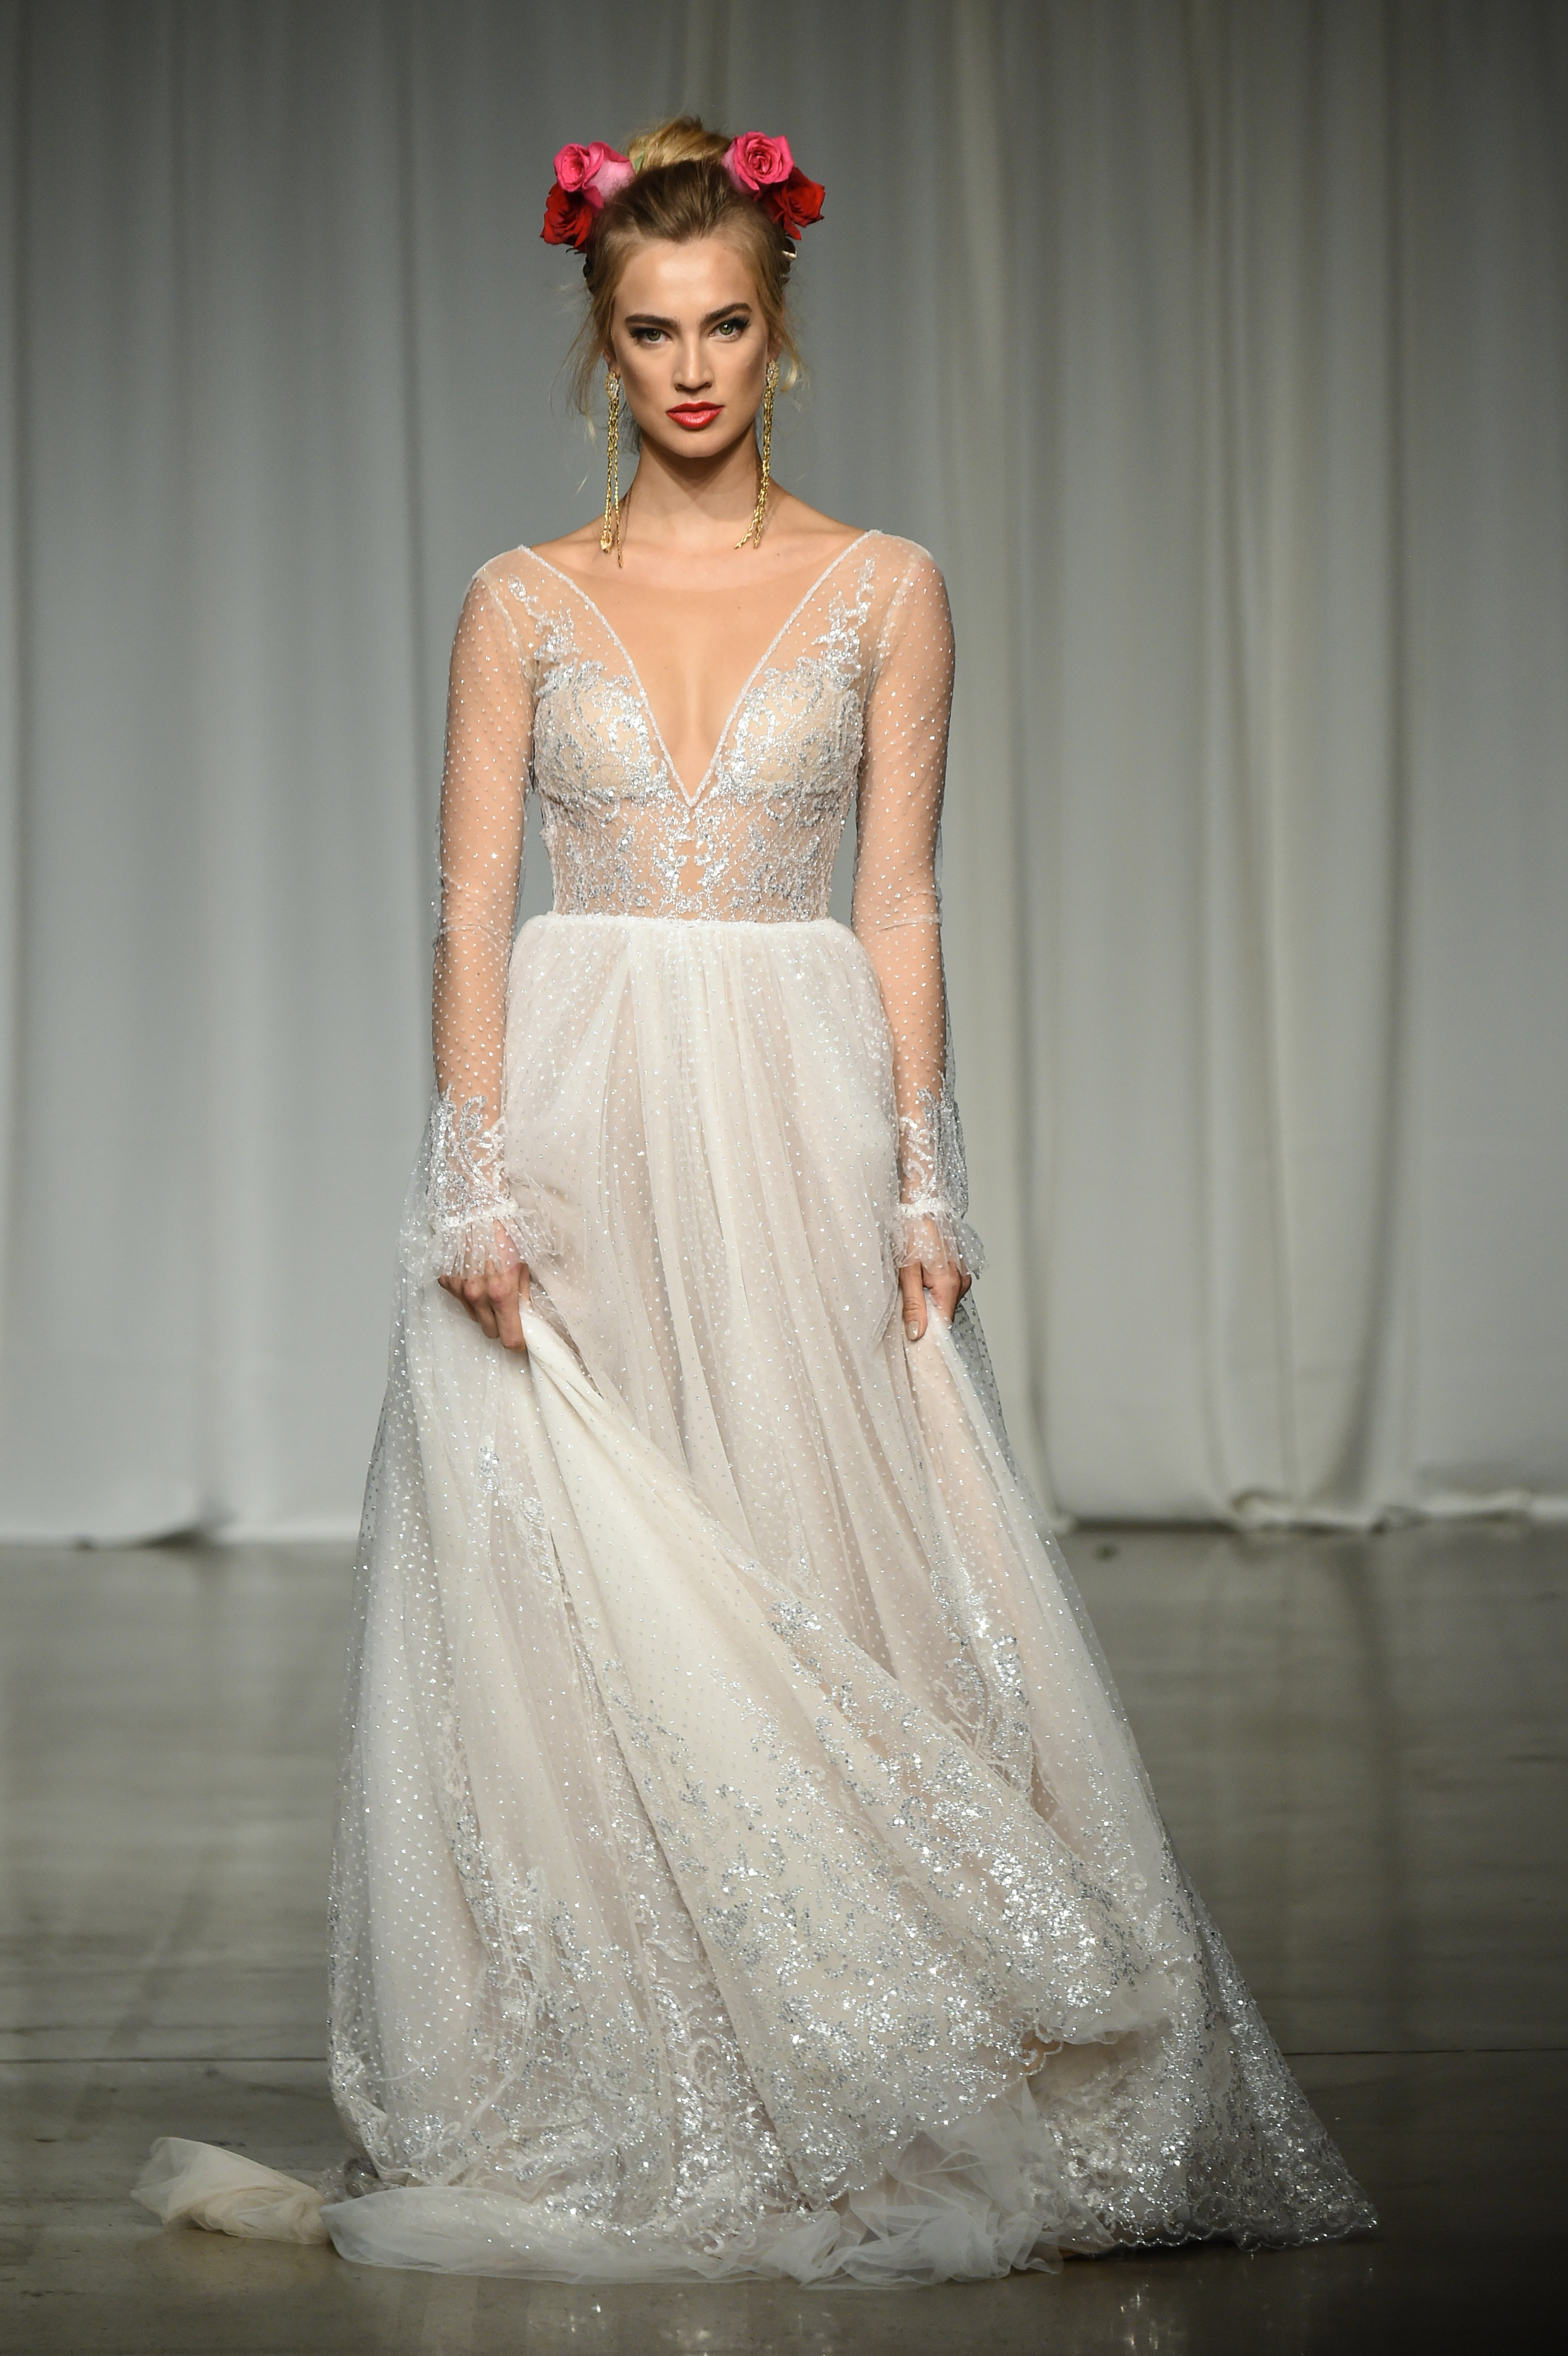 julie vino group fall 2019 sheer a-line glitter wedding dress